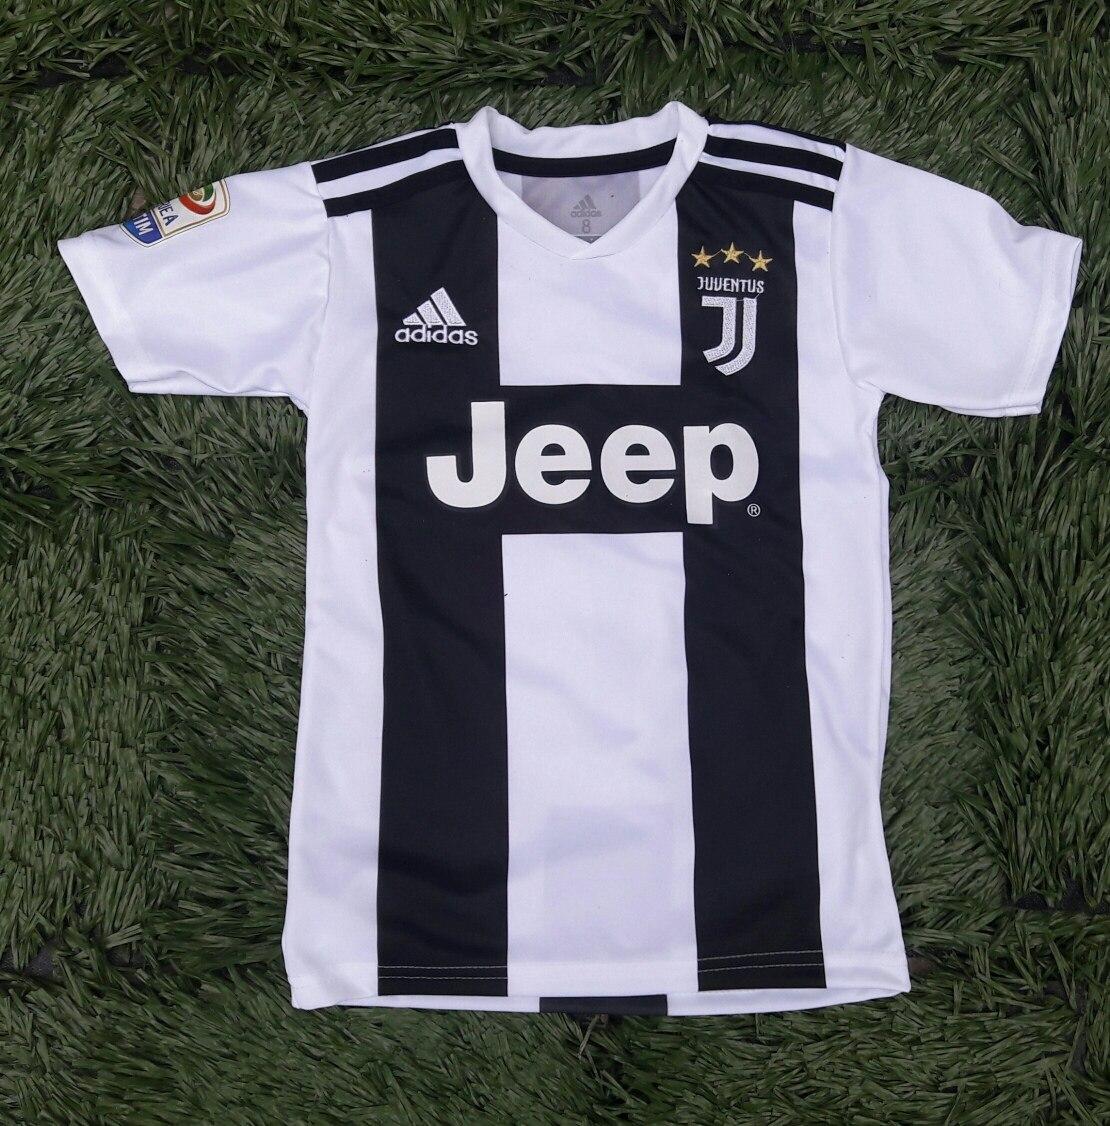 camiseta de futbol juventus de italia 2018 2019 para niño. Cargando zoom. 89c9aaf83d8ca